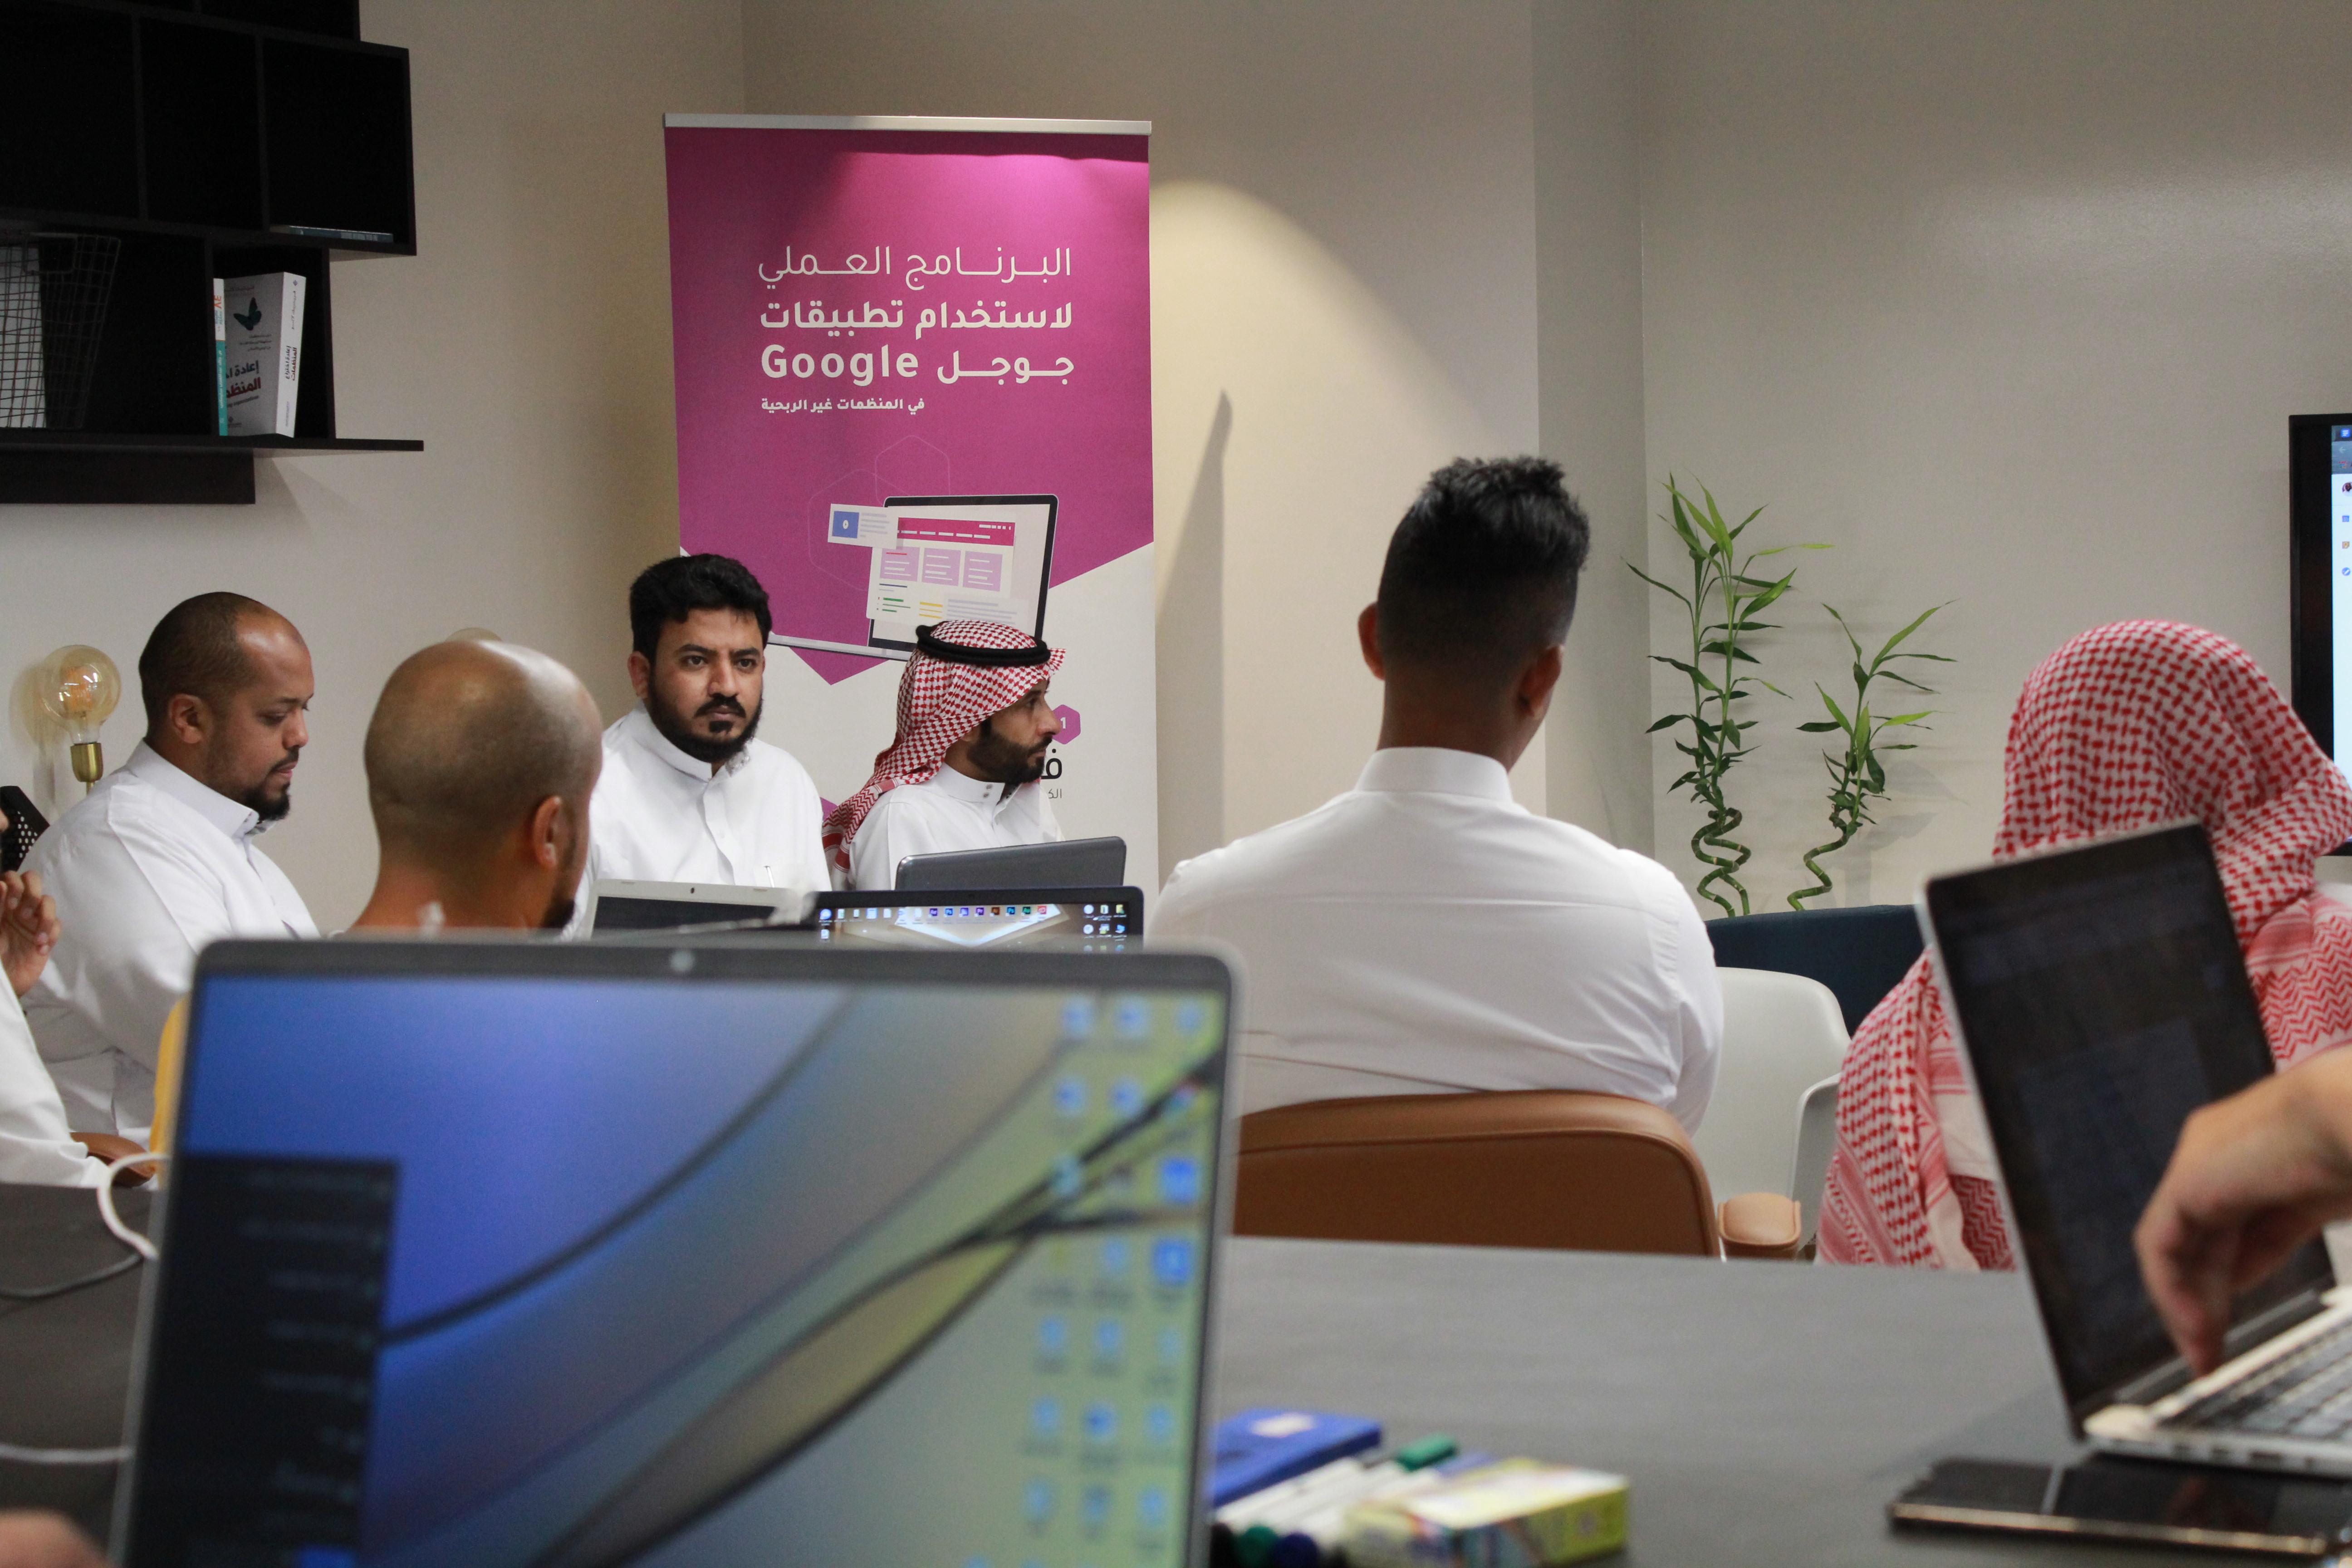 التحول التقني تختم البرنامج العملي لاستخدام تطبيقات جوجل في الرياض